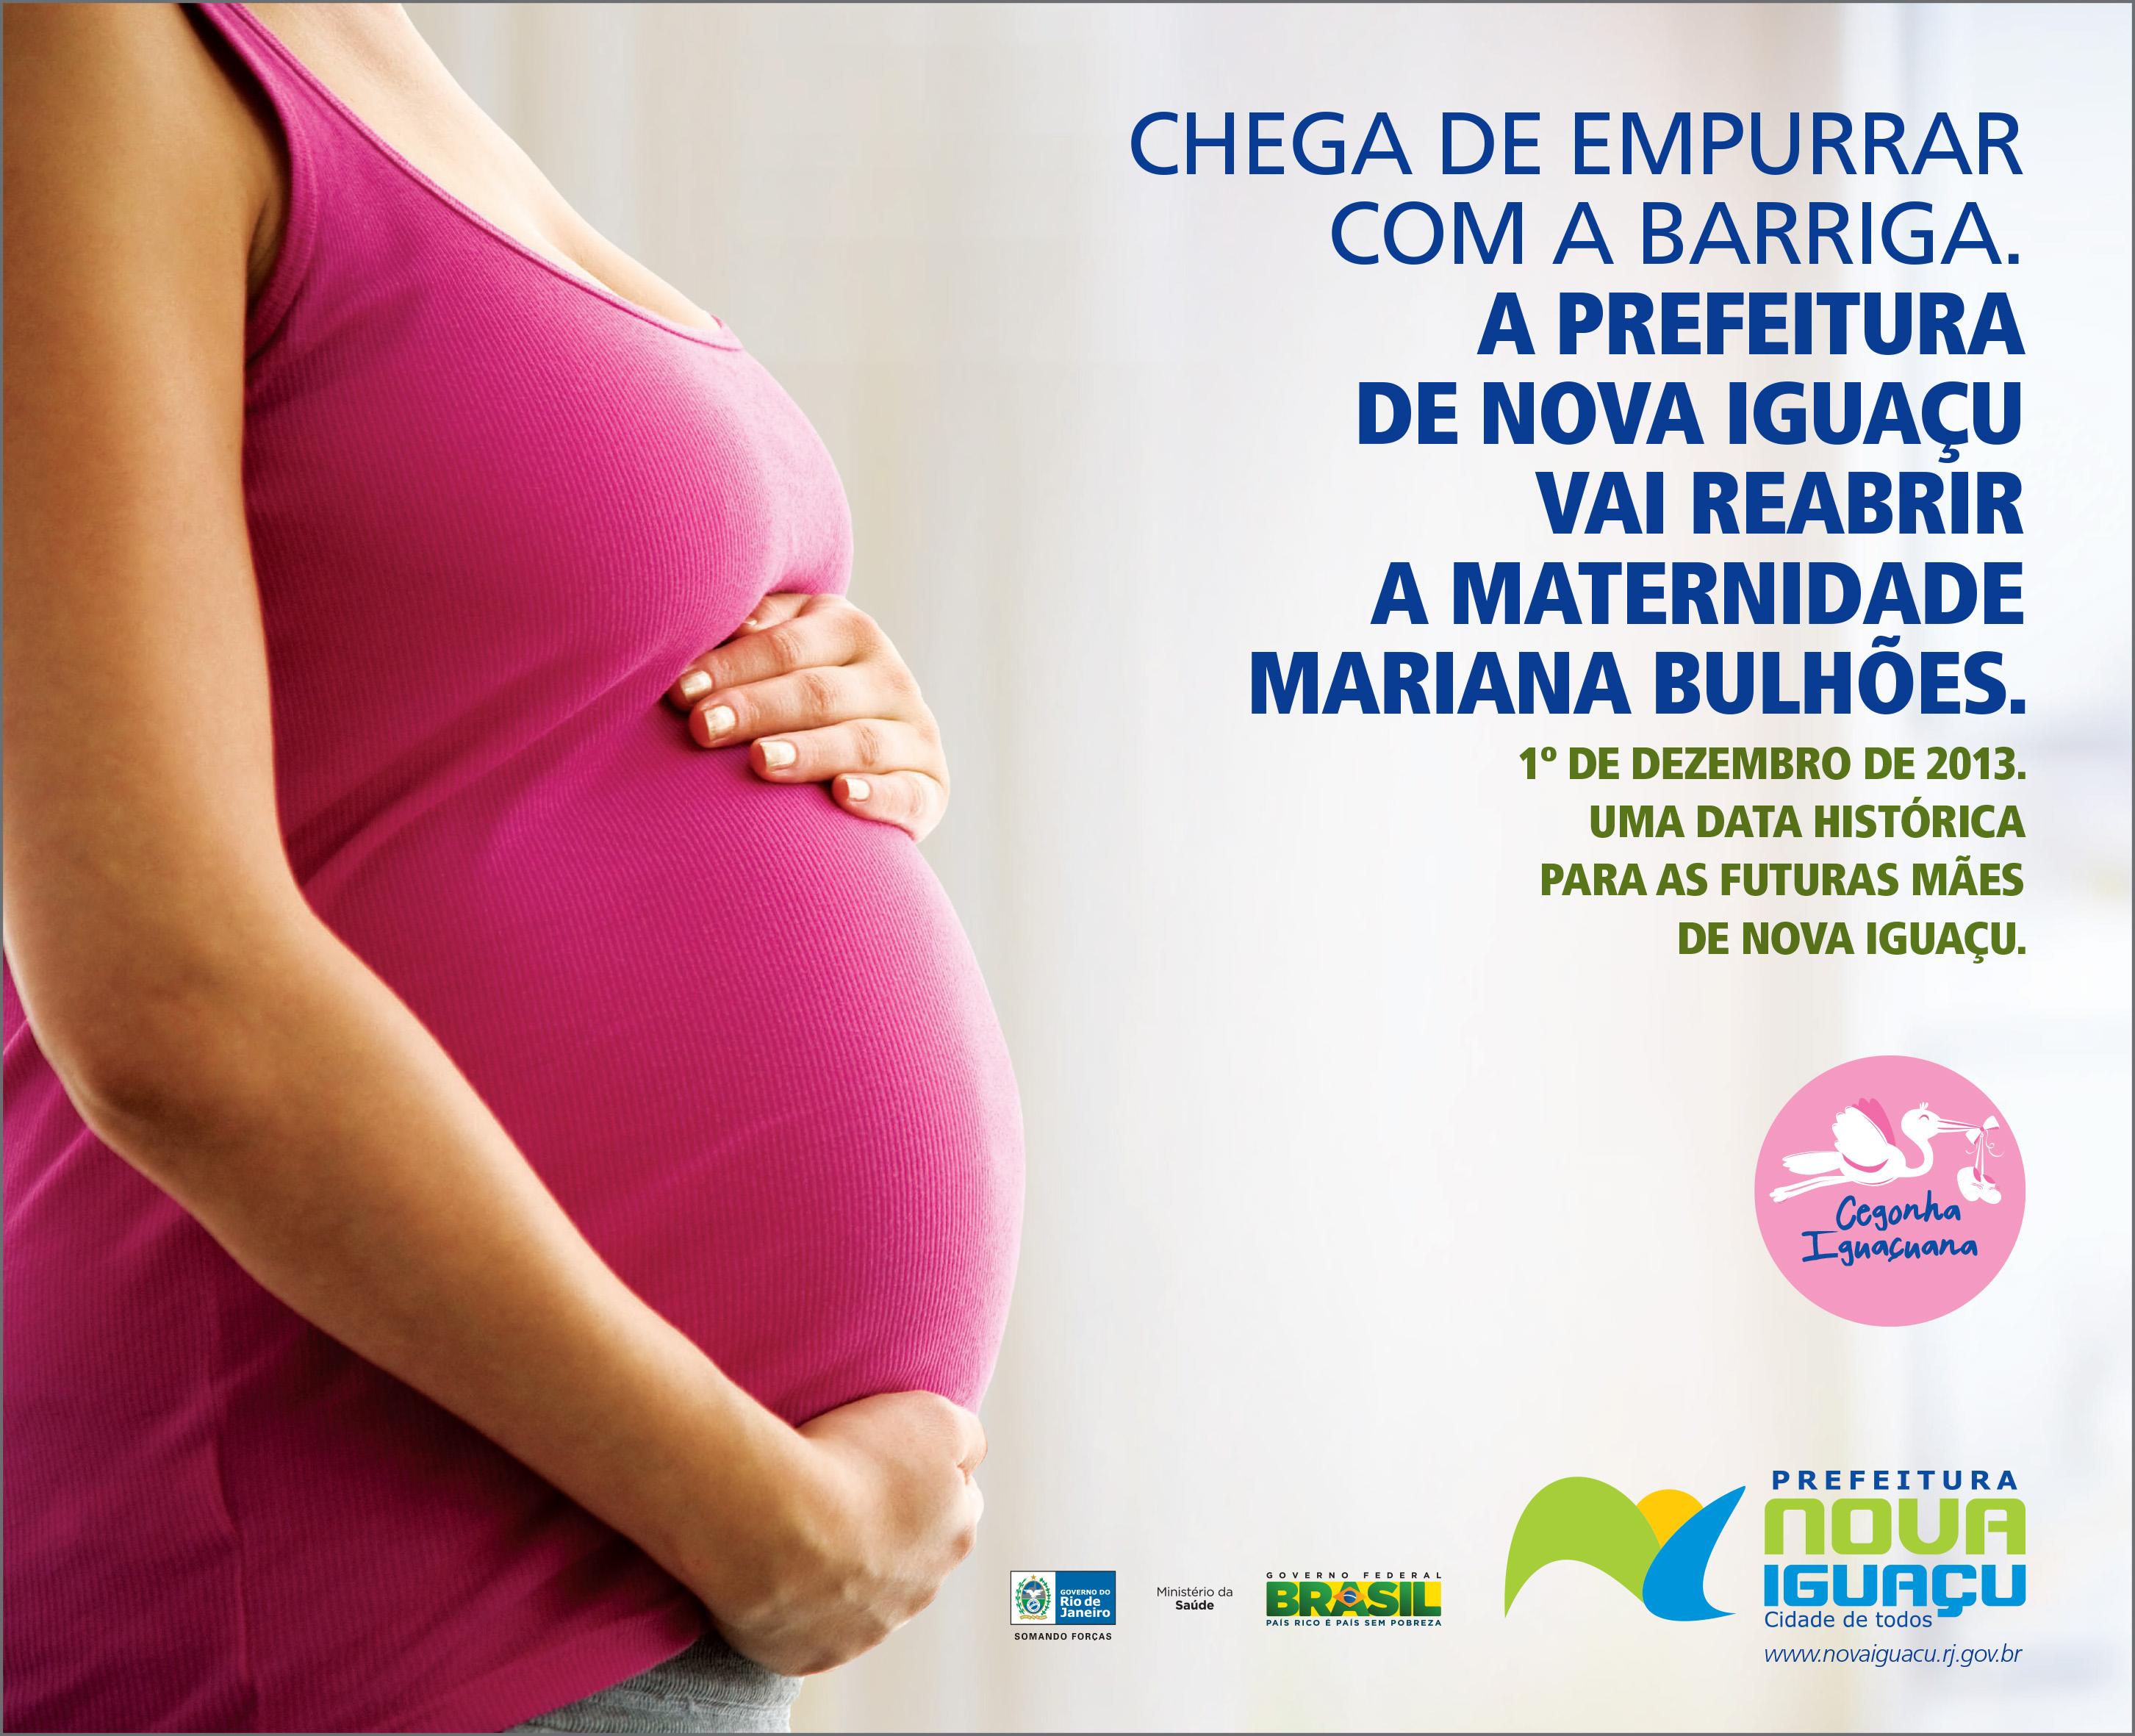 Prefeitura Nova Iguaçu - Maternidade